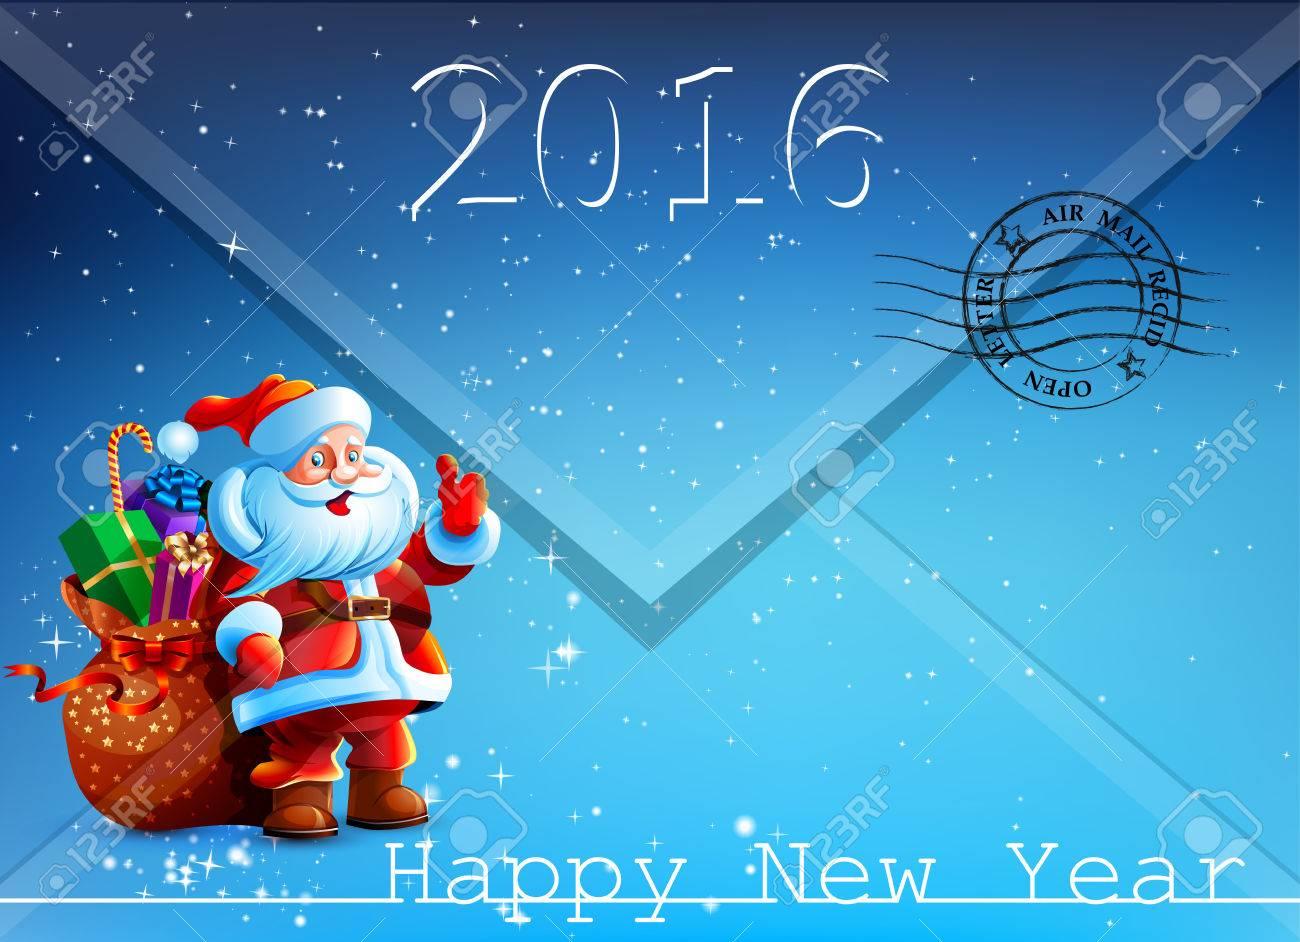 Umschlag Mit Einem Brief Mit Einem Bild Von Santa Claus. Frohes ...